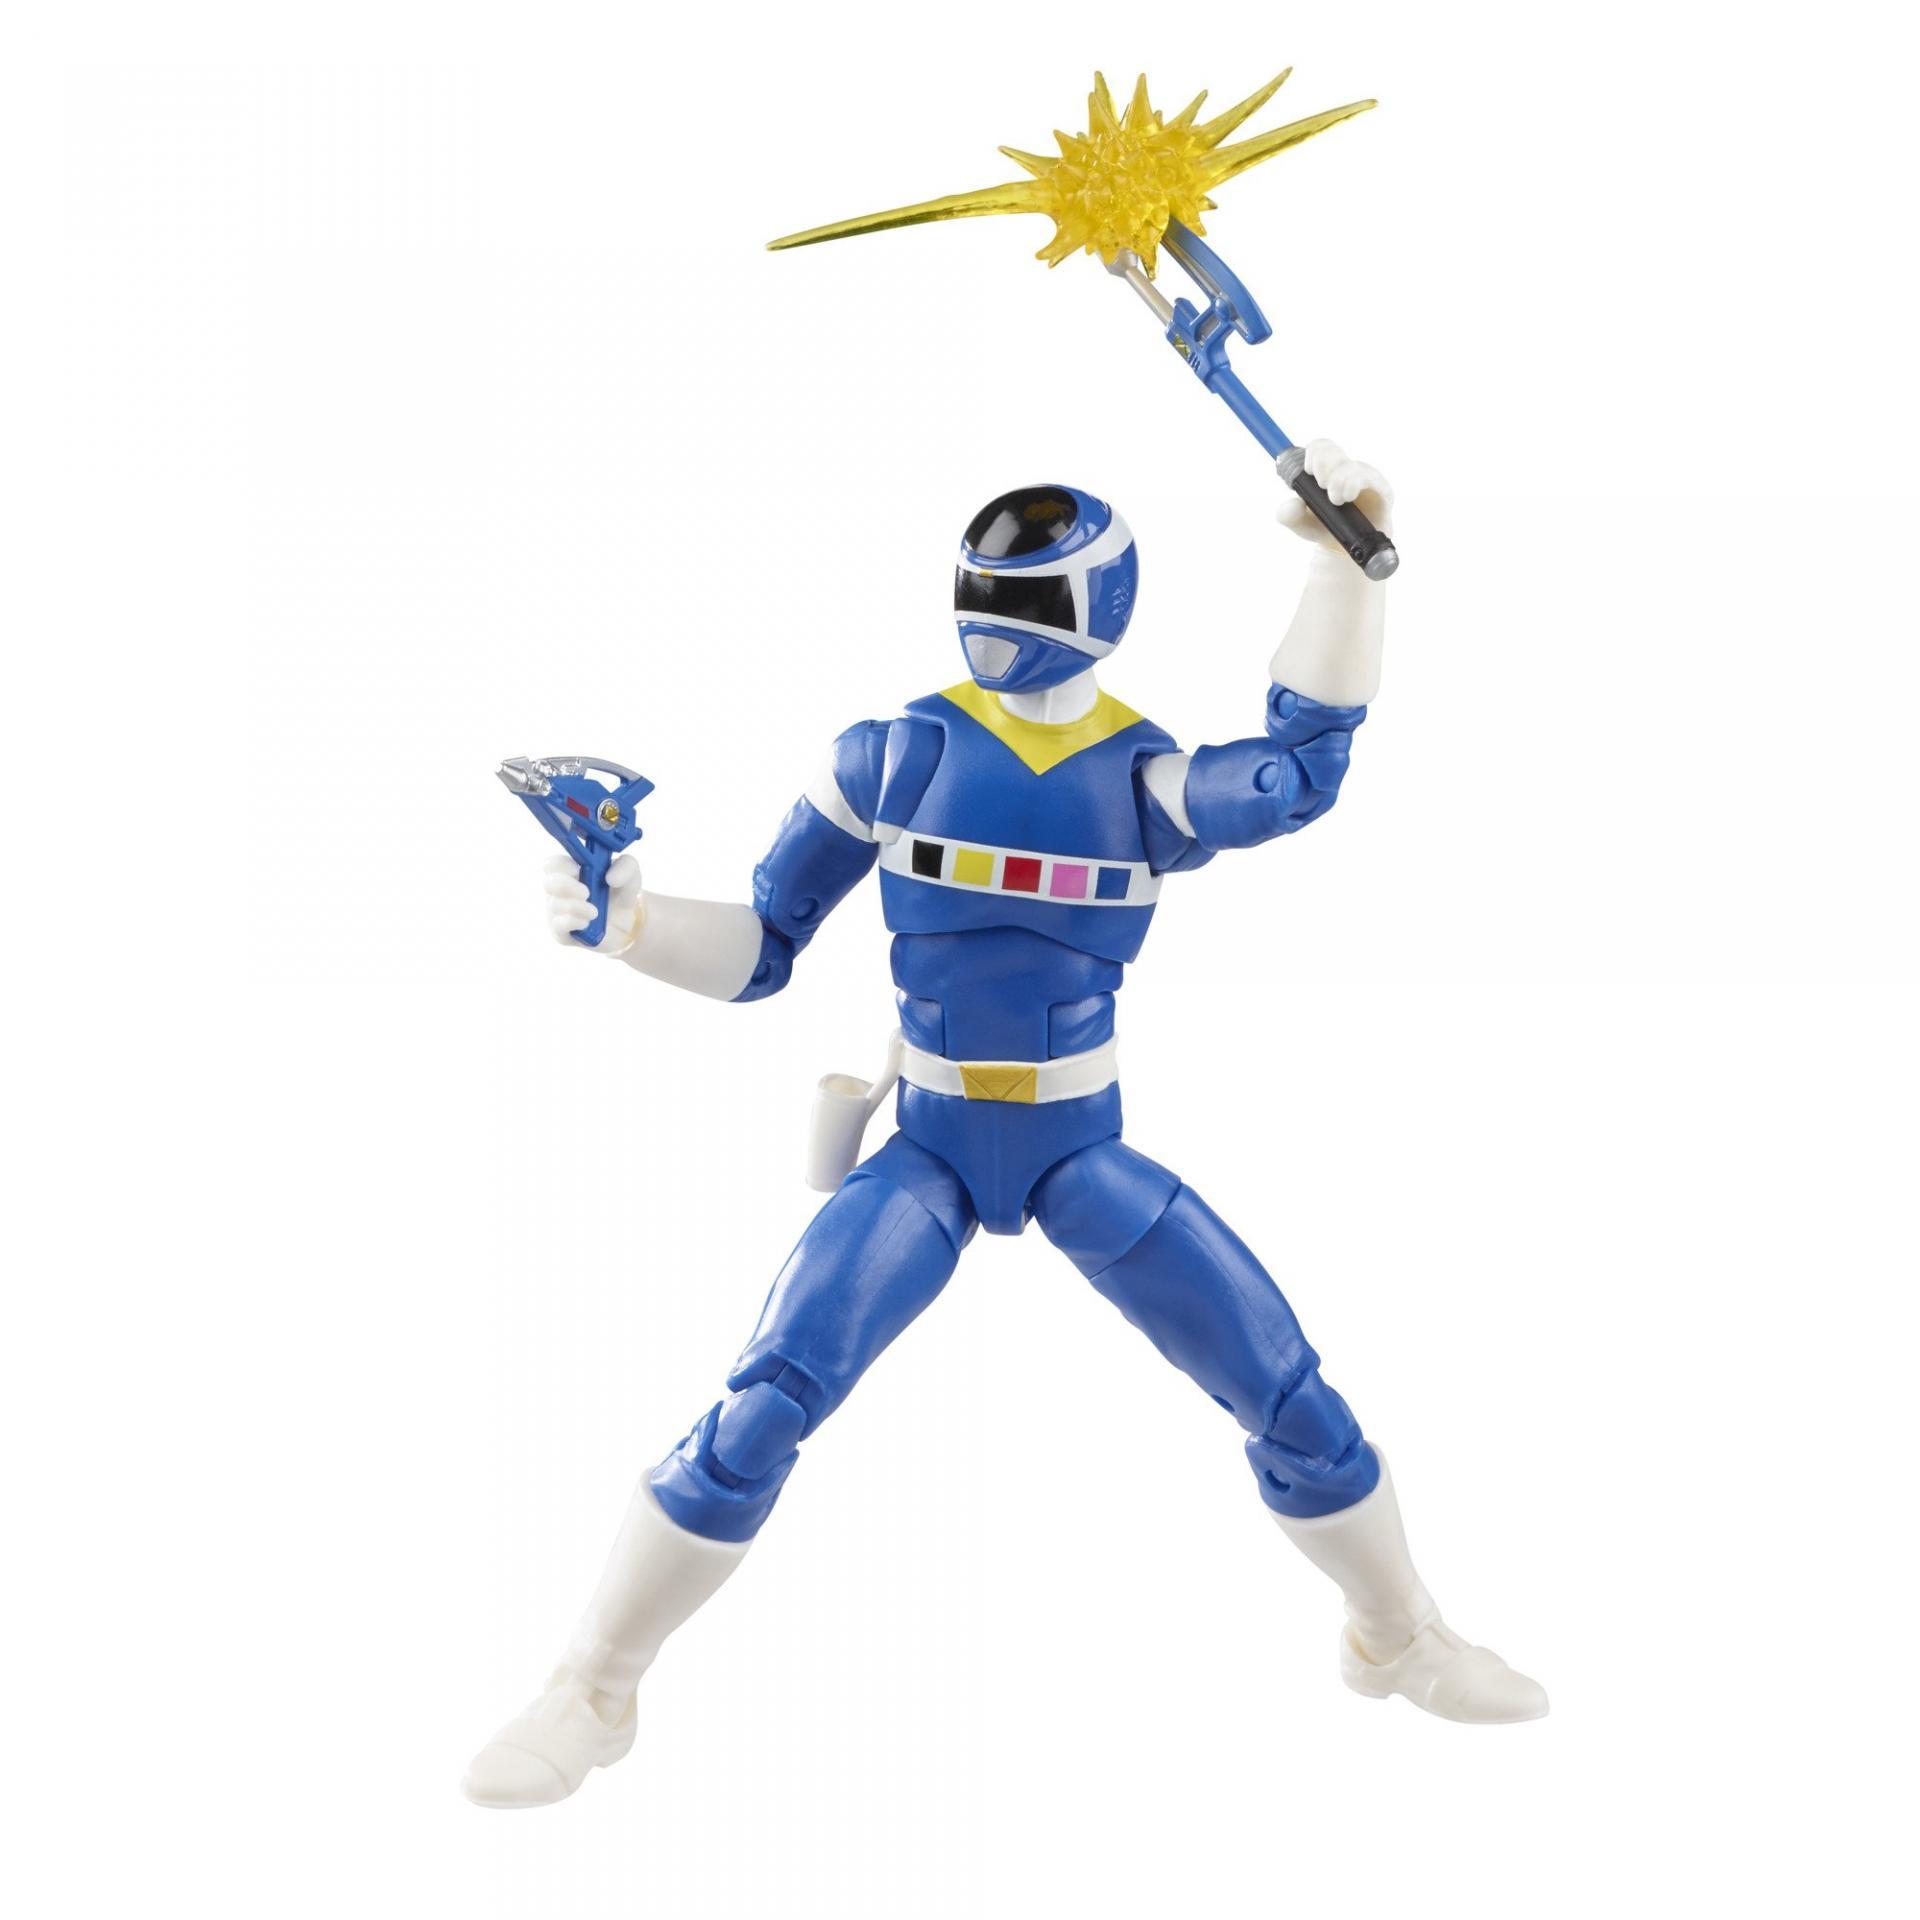 Power rangers lightning collection blue ranger vs silver psycho ranger 15cm8